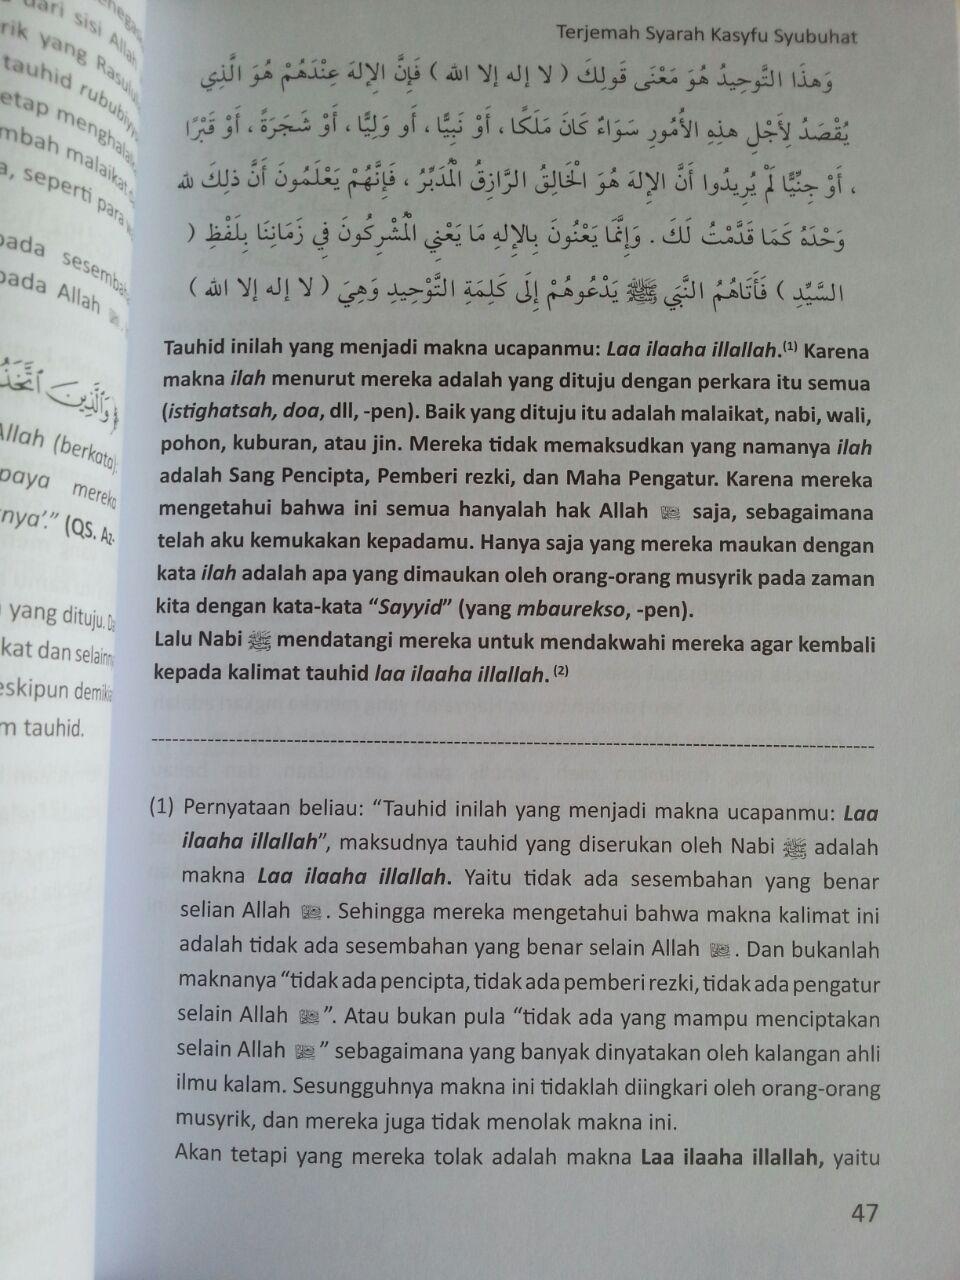 Buku Terjemah Syarah Kasyfu Asy Syubuhat Kerancuan Aqidah isi